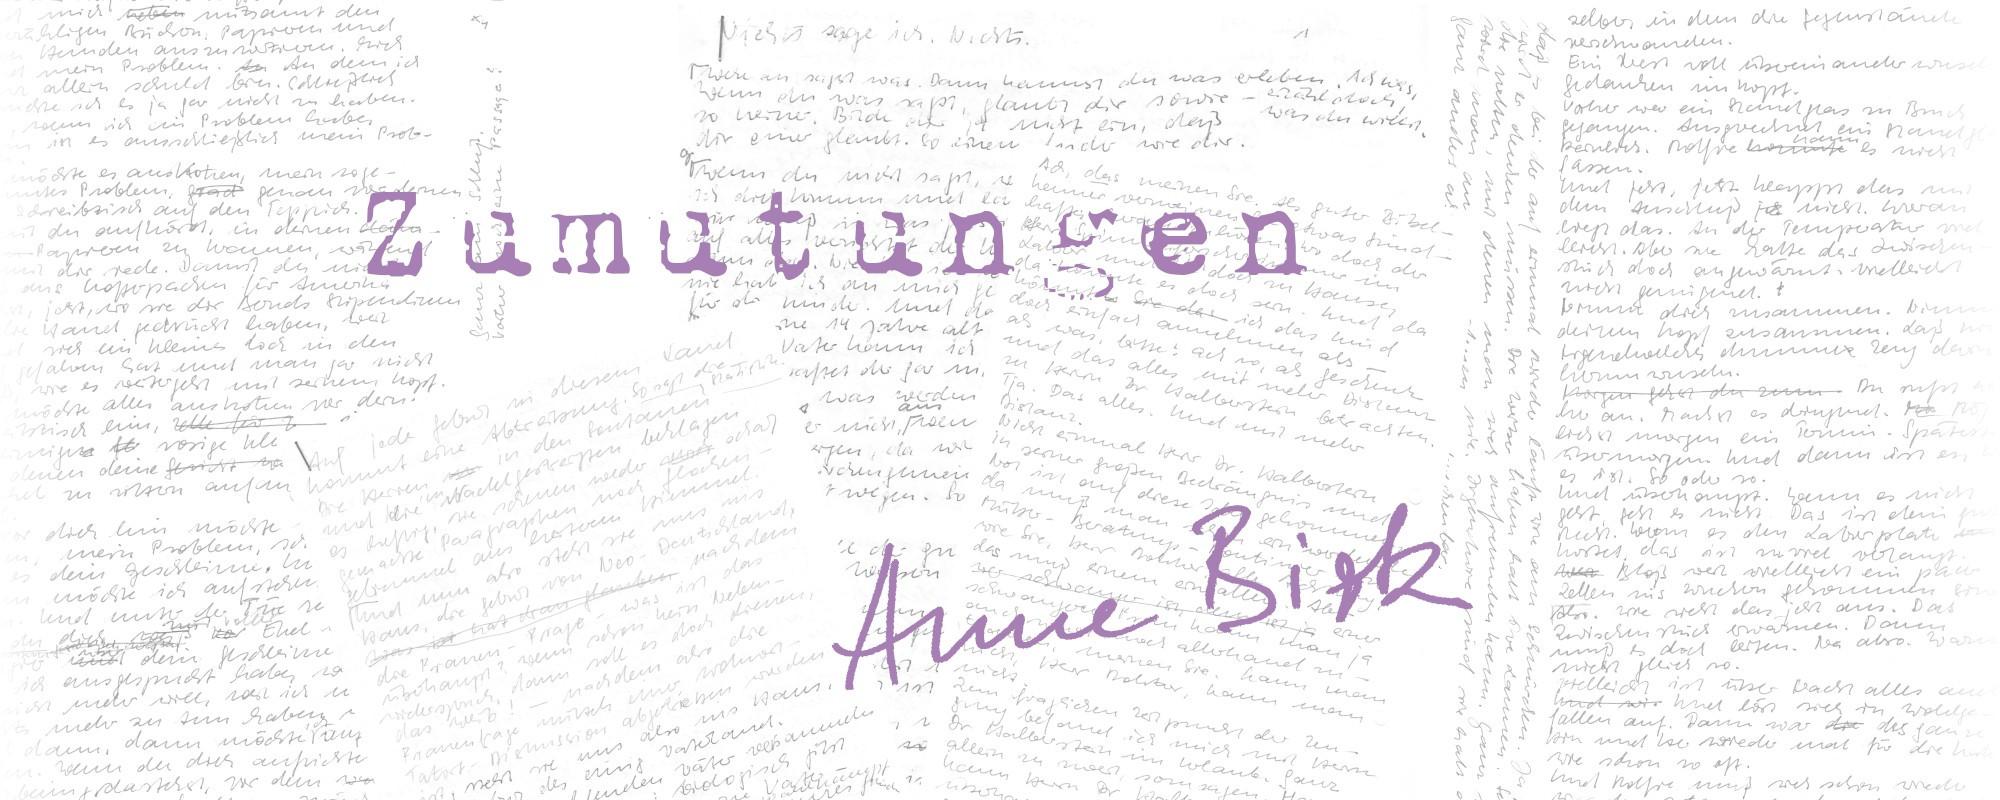 Anne-Birk-Zumutungen-Schriftbild